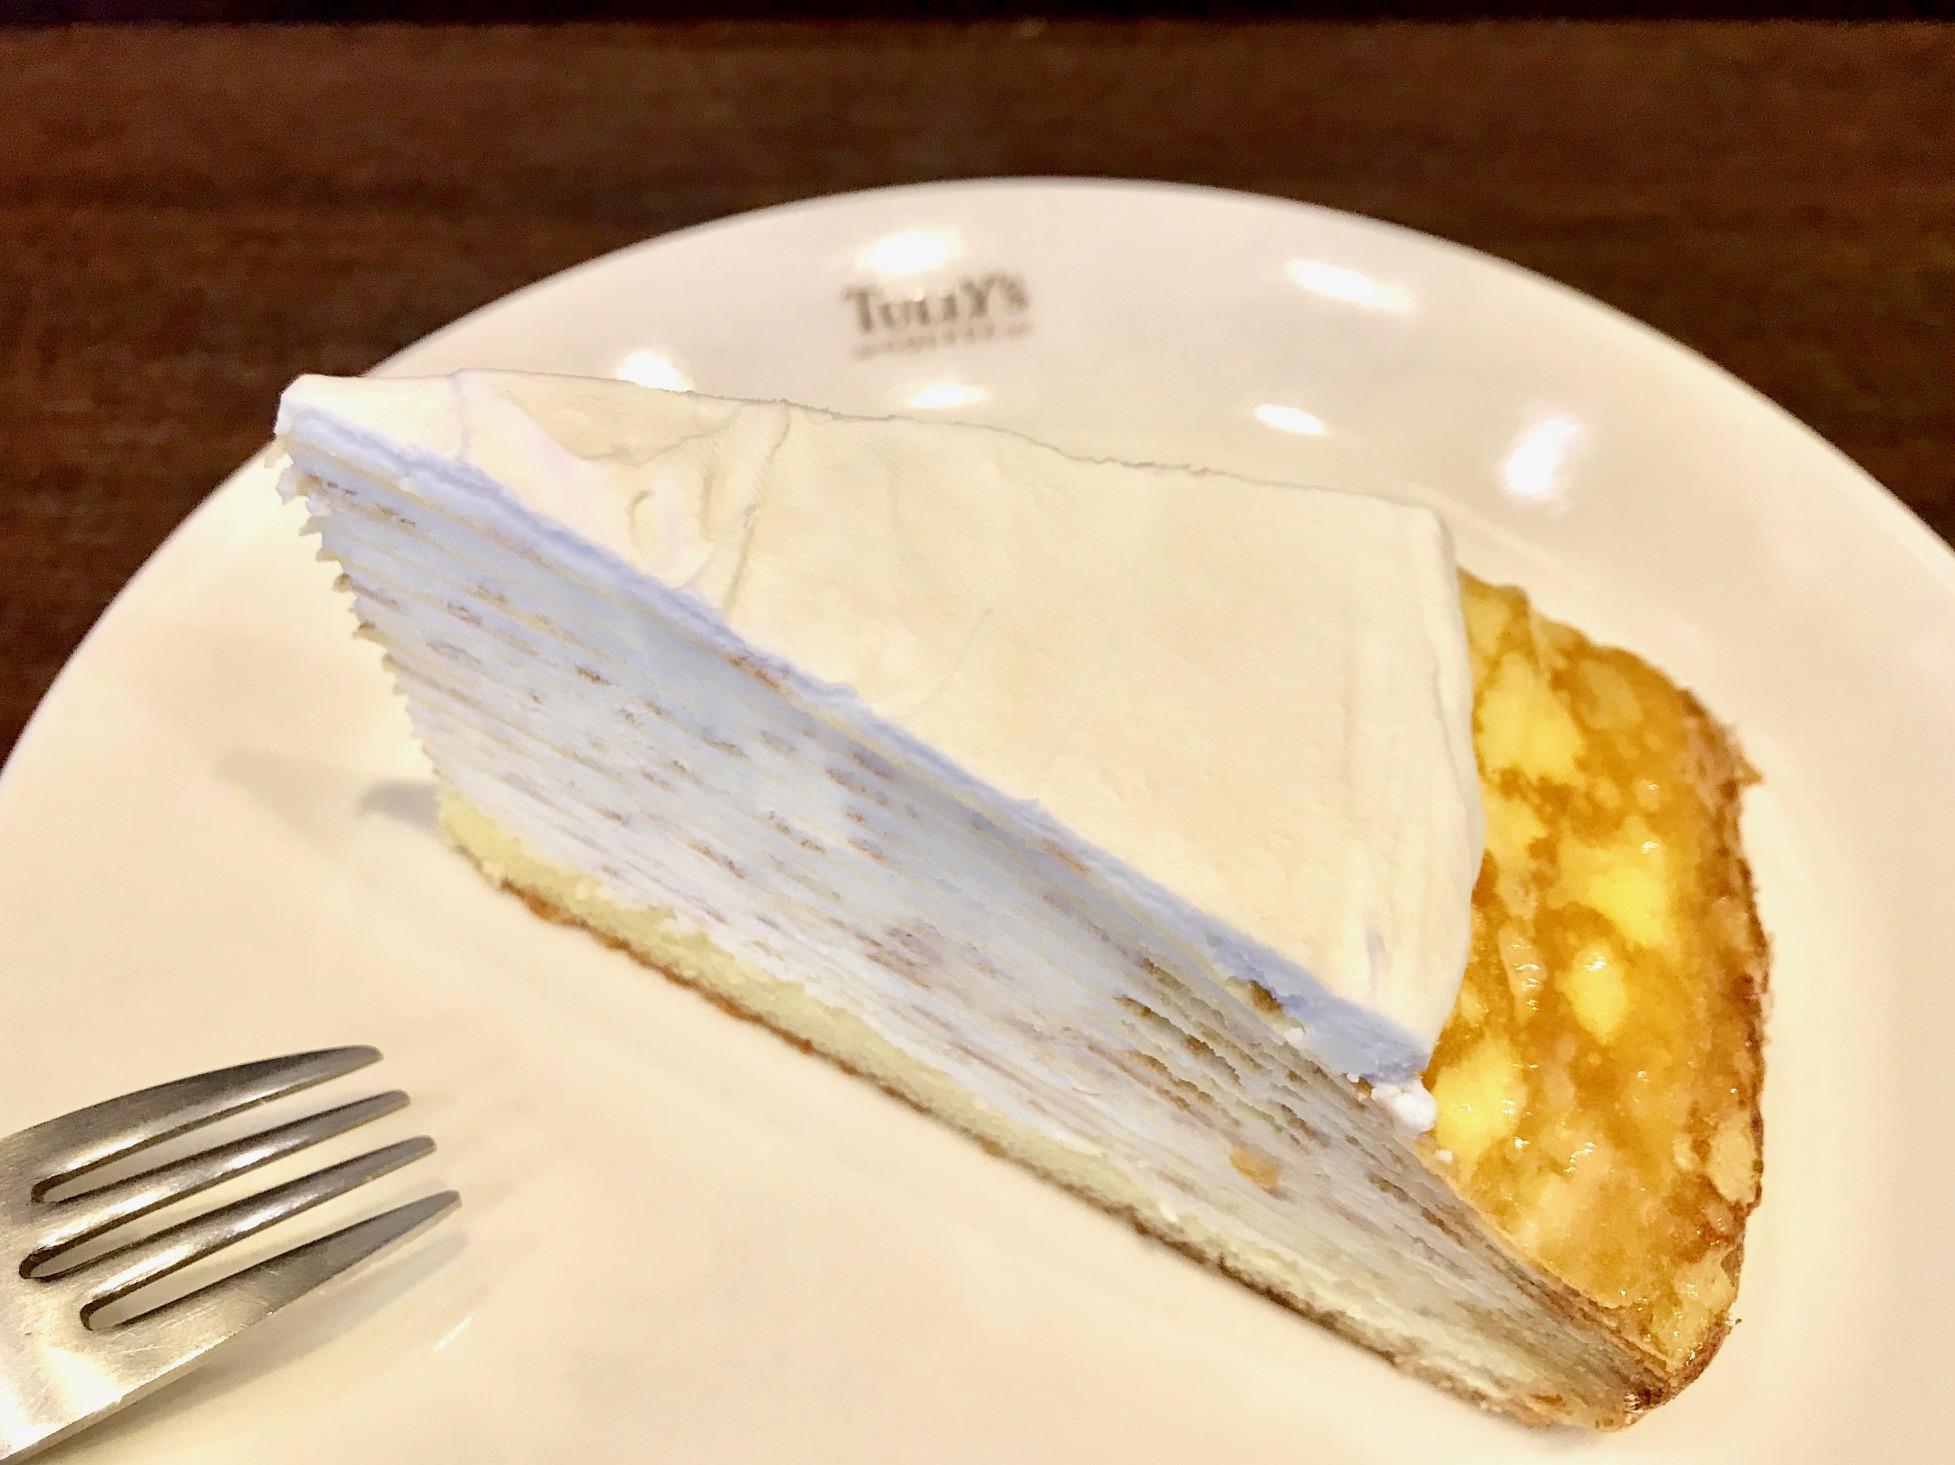 【タリーズ 新作レポ】新登場のパンケーキから、大人気「チョコリスタ」の味変テクまで! 新作4品をイチ早くお届け_6